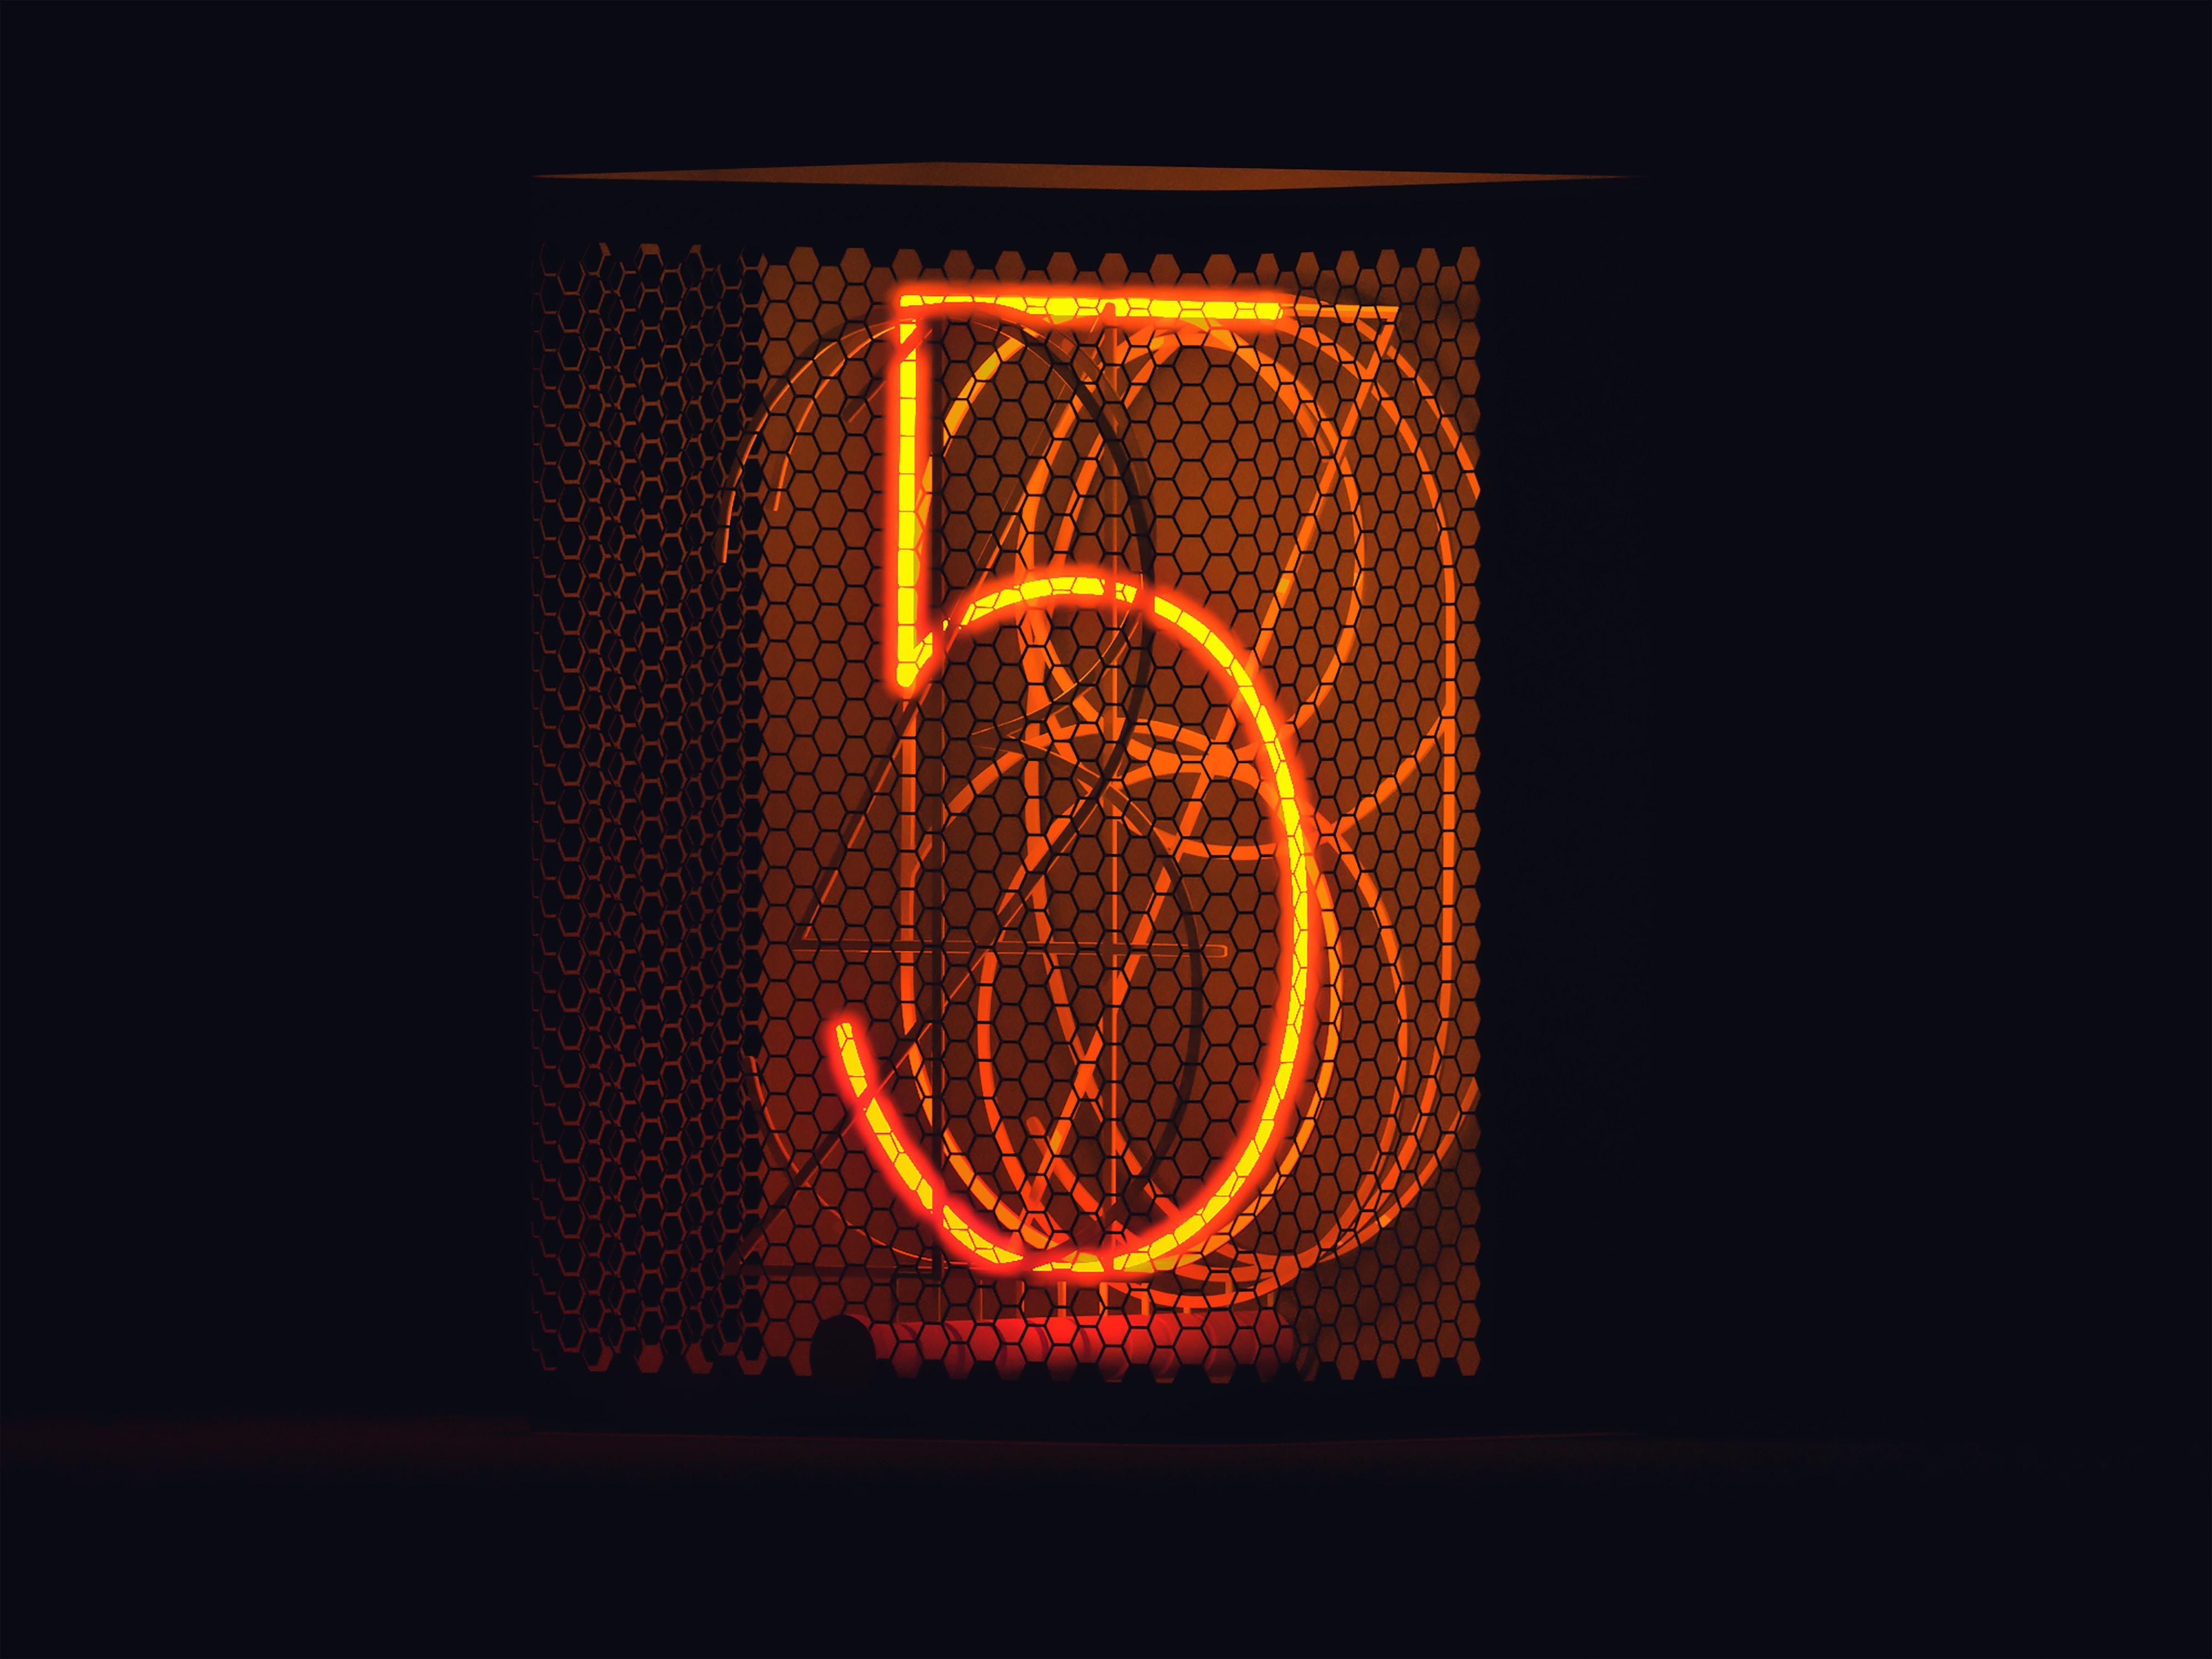 5. Productiehuis van F. tot S.